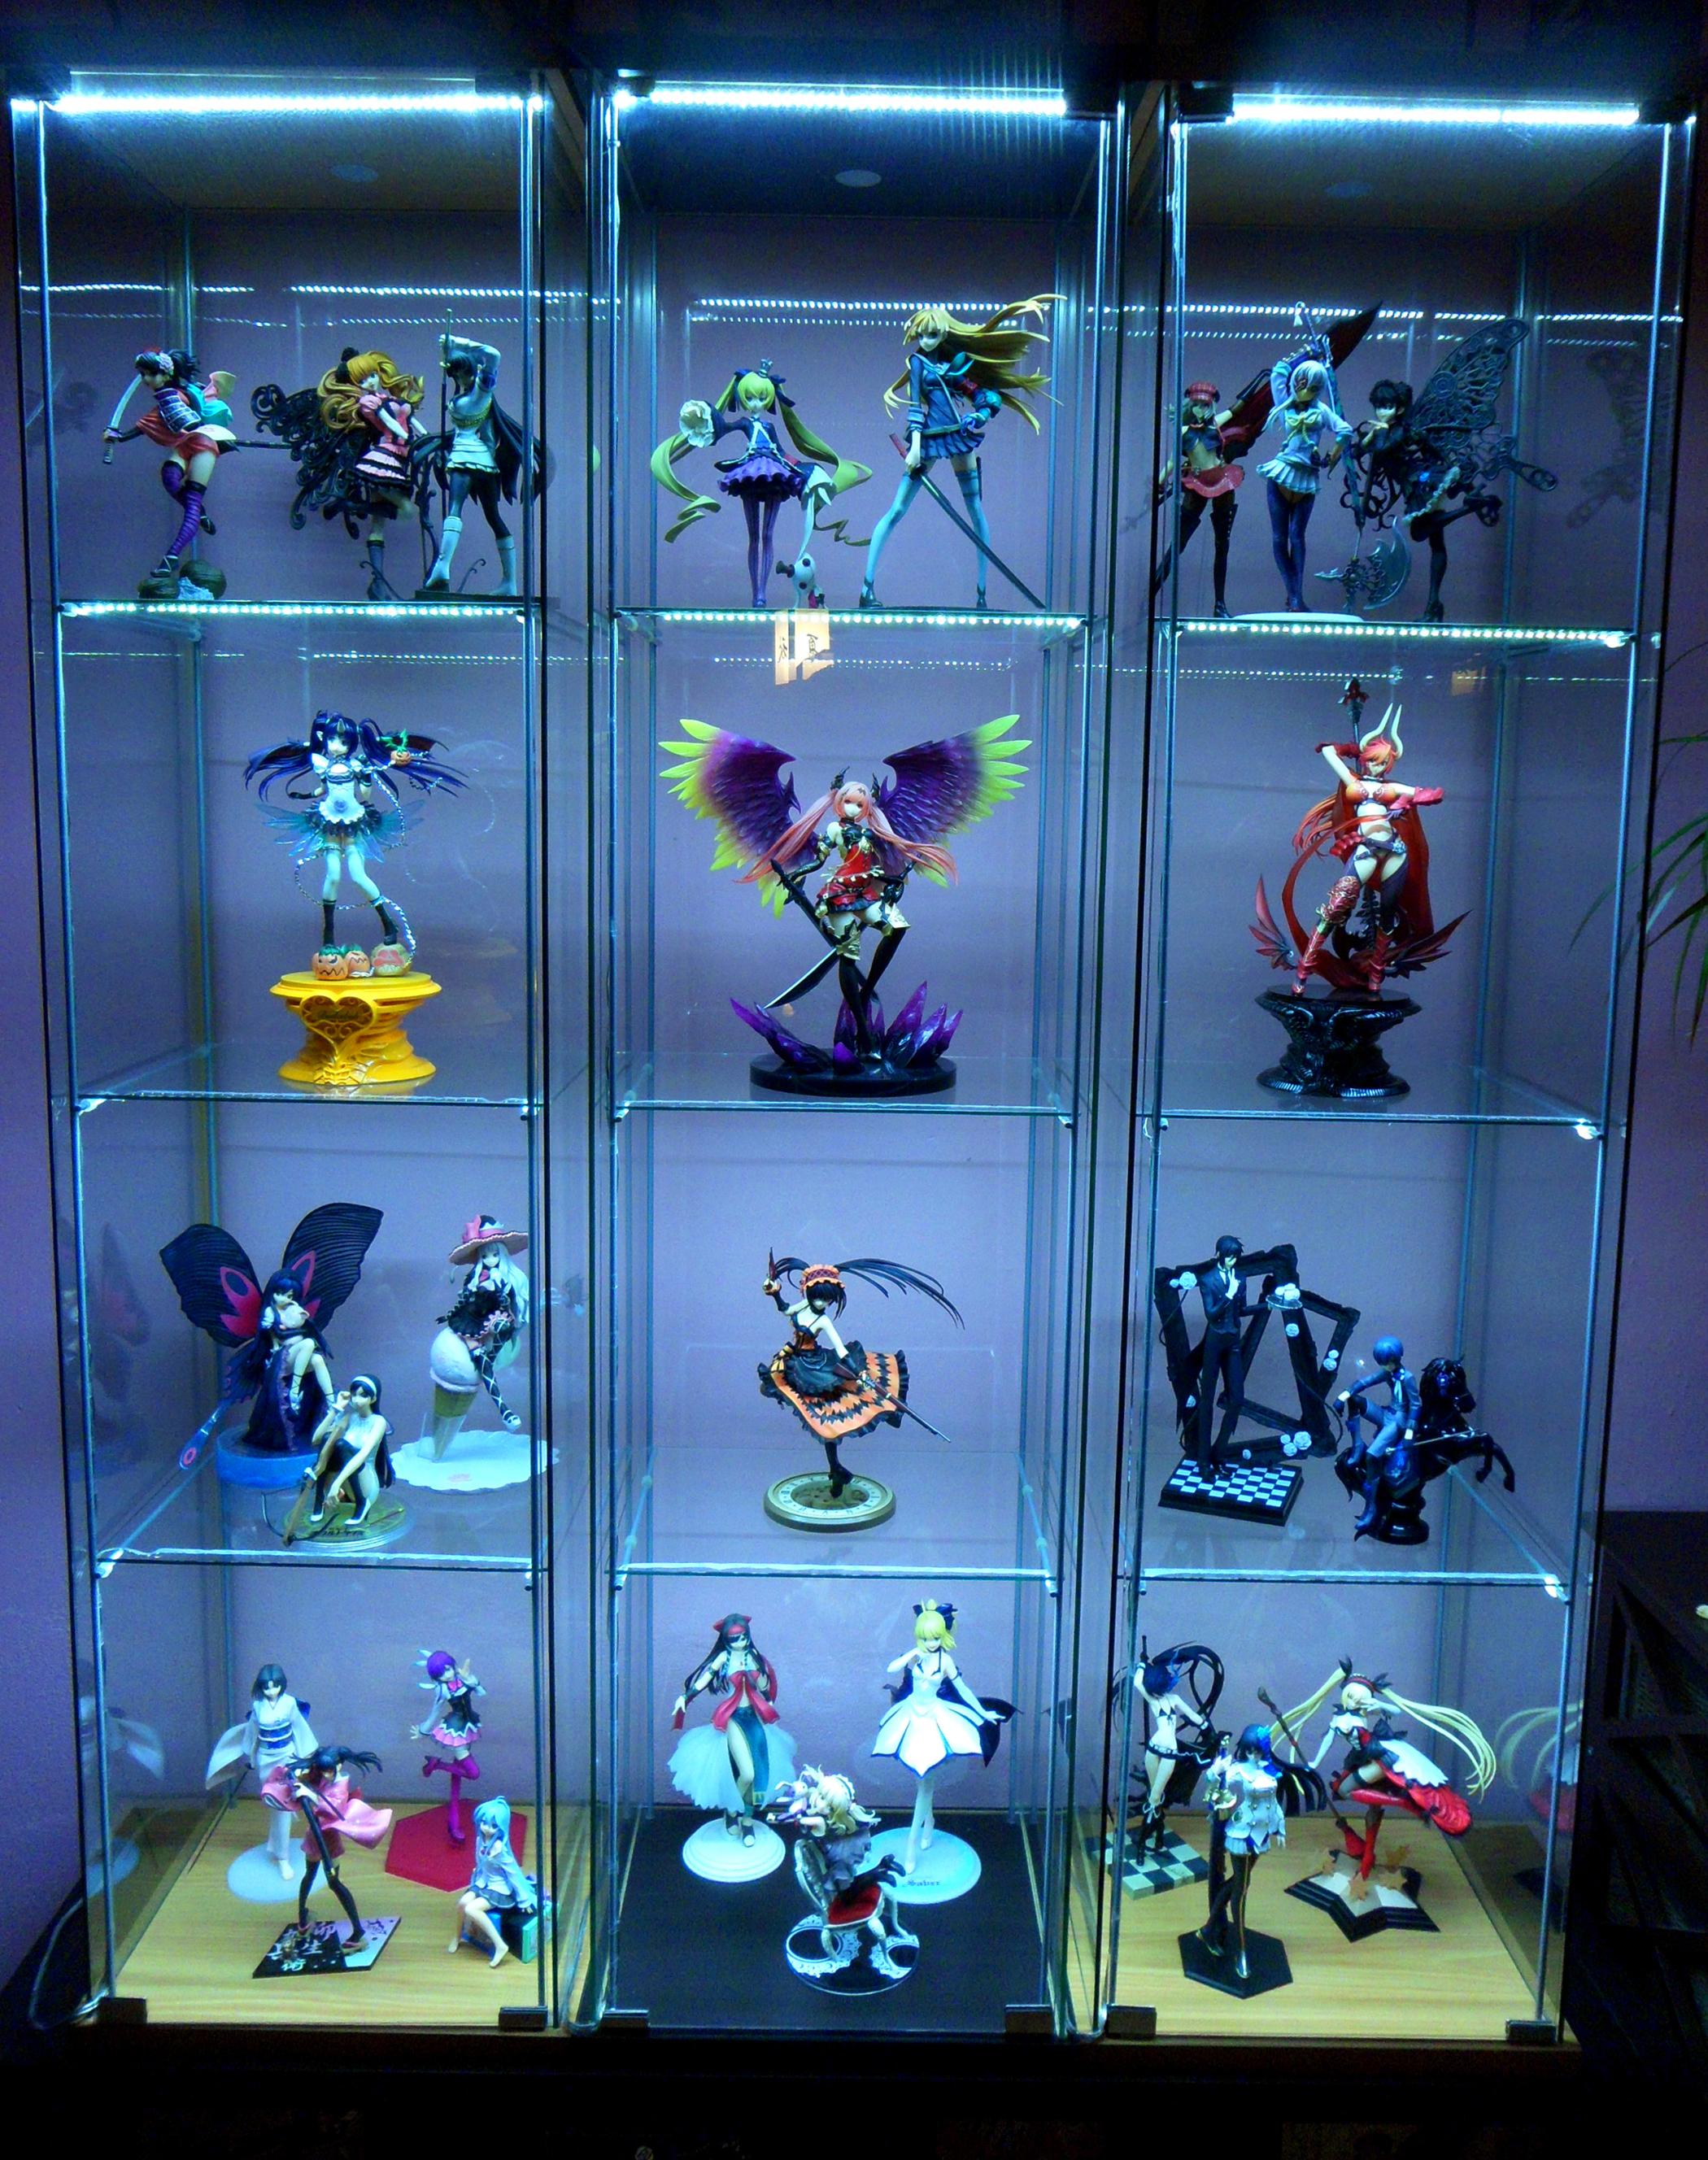 gintama kotobukiya megahouse sega tony_taka huke akatsuki volks saber alter max_factory momohime type_moon ryougi_shiki good_smile_company kara_no_kyoukai hyakka_ryouran hobby_japan excellent_model fate/stay_night iwamoto_kunihito orchid_seed satan nagisa taito fukumoto_noritaka oboro_muramasa ascii_media_works ikaruga phat_company shueisha original_character sunrise kaguya shining_hearts nendoron matsumoto_kouei black_★_rock_shooter hiroshi_(sakurazensen) hane_motokatsu takahashi_tsuyoshi alpha_x_omega shirahige_tsukuru inada_masaki nanashi katagiri_katsuhiro denpa_onna_to_seishun_otoko touwa_erio questioners kojima_shou aniplex tanaka_masanori media_factory beelzebub plum teruyuki moekore_plus sorbet a-1_pictures mistral_nereis hashimoto_ryou ufotable nasu_kinoko seikimatsu_occult_gakuin kumashiro_maya raqel shining_wizard_@_sawachika takami_toshiaki miwa_shirou kawagoe_hiromitsu yagyuu_gisen itandi sorachi_hideaki phantasy_star_portable_2_infinity god_eater_burst kawamori_shouji senran_kagura chiba_takahiro shining_blade aquarion_evol accel_world kuroyukihime george_kamitani the_seven_deadly_sins hirasaka_yomi satelight 7th_dragon_2020 suzushiro_mikono kawahara_reki yagyu_kyubei arita_haruyuki nishii melty_de_granite hacker alisa_ilinichina_amiella amakuni type_moon_-10th_anniversary- bichigusomaru marvelous_aql bandai_namco_games_inc.